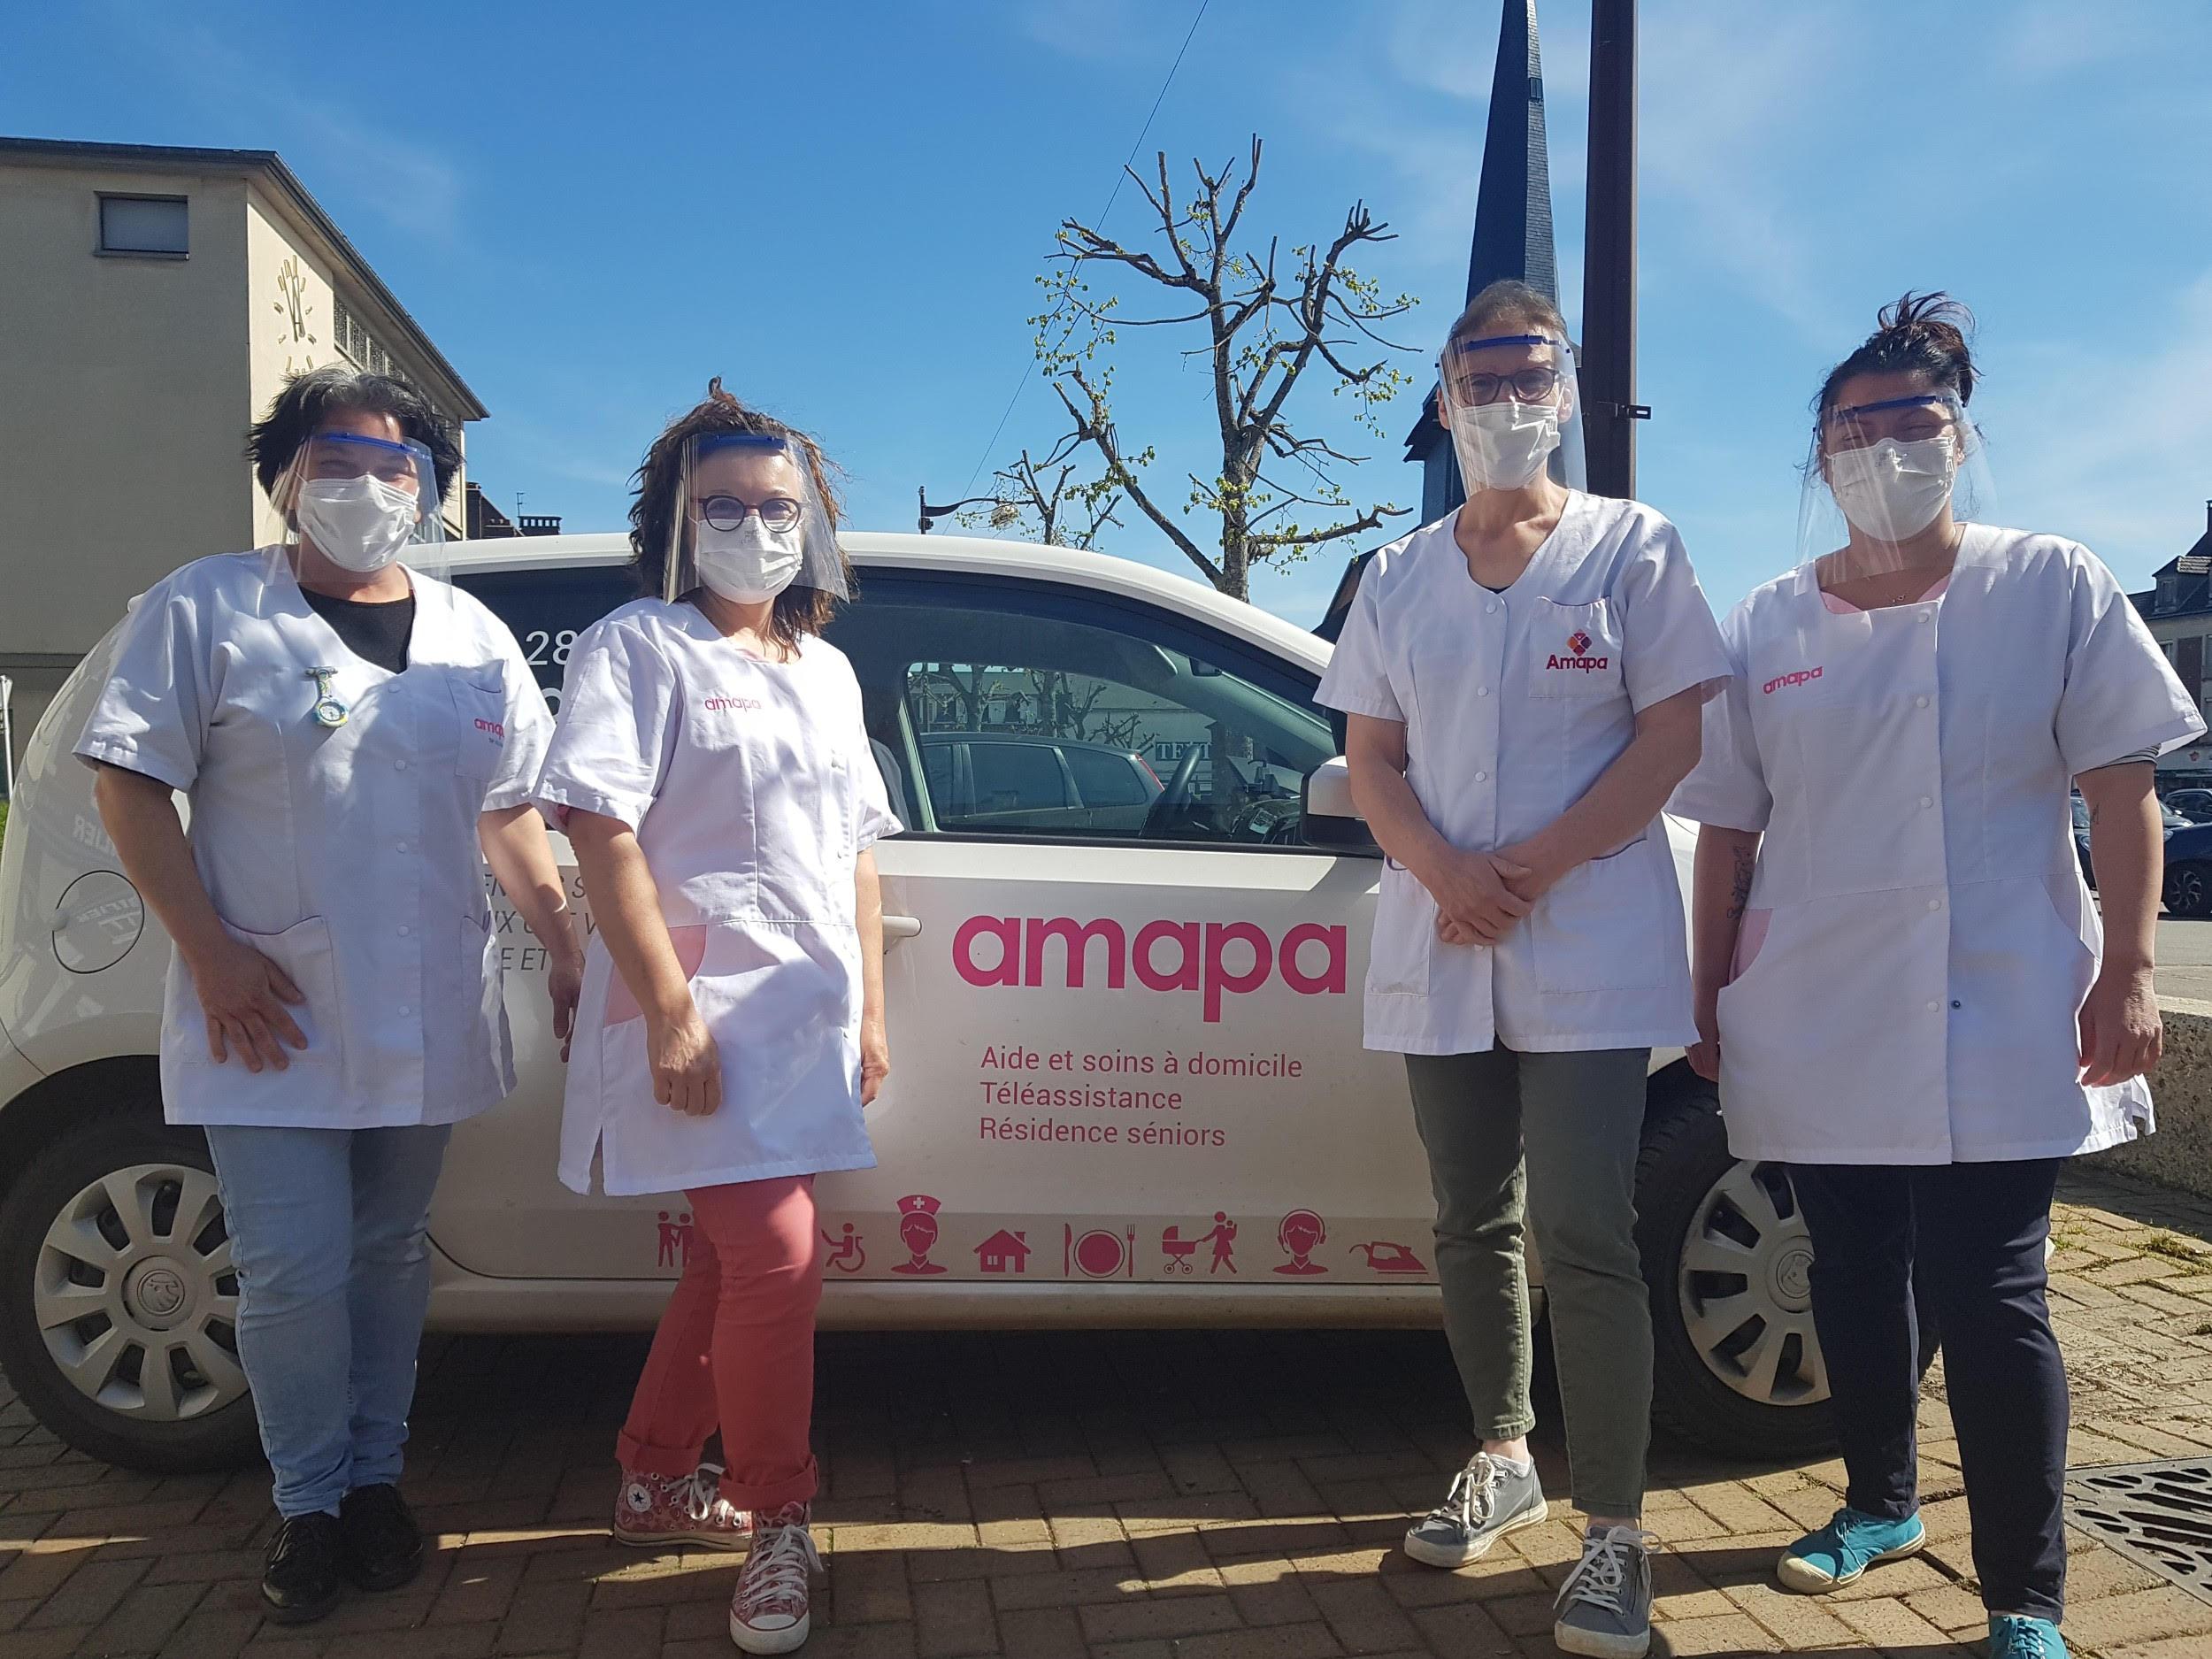 Amapa accompagne 1 126 personnes en Corse